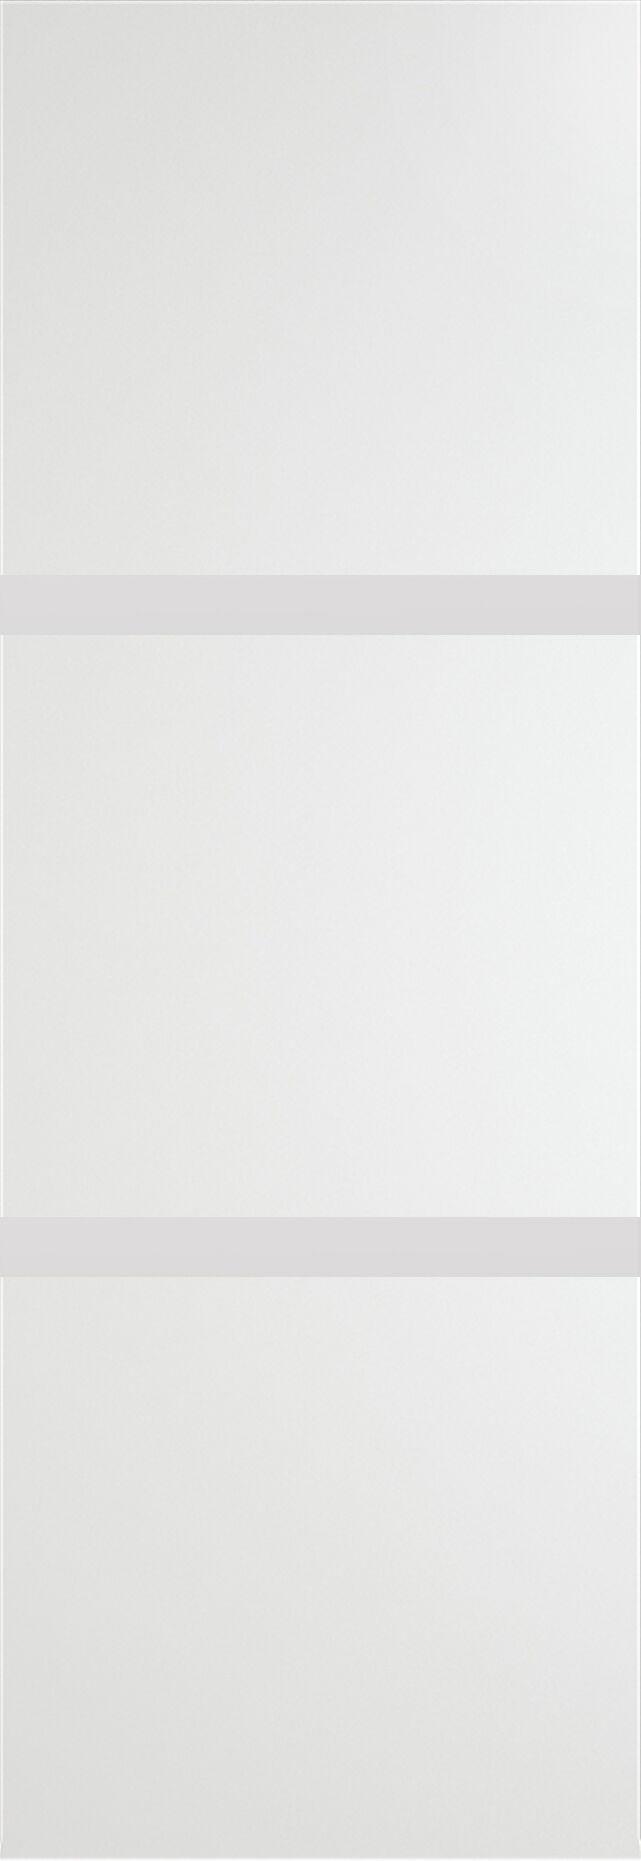 Tivoli В-4 Invisible цвет - Белая эмаль Без стекла (ДГ)